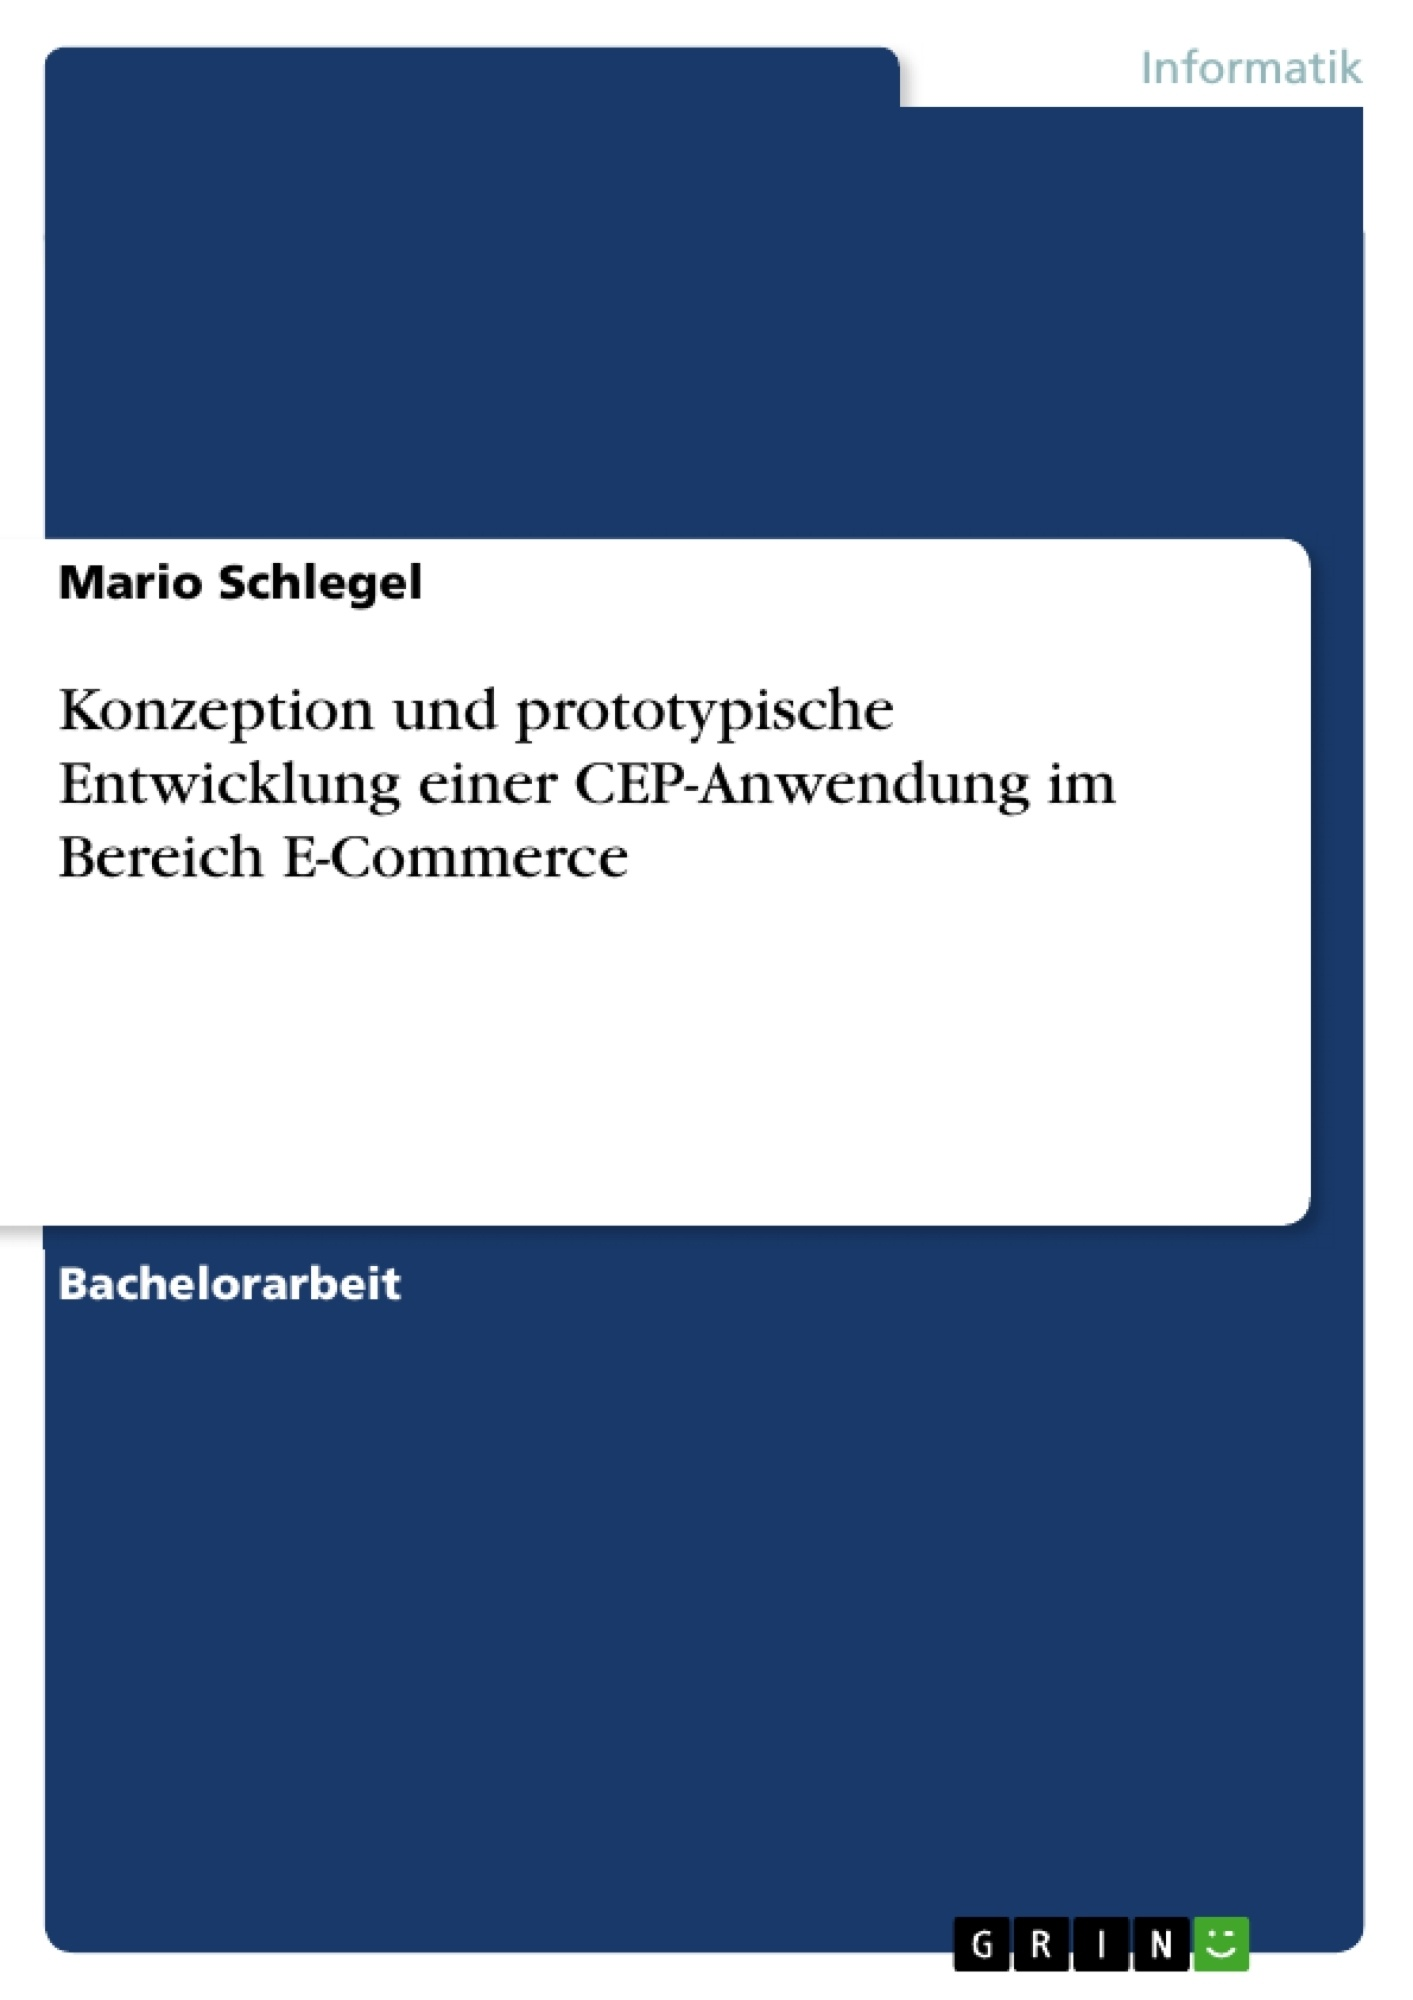 Titel: Konzeption und prototypische Entwicklung einer CEP-Anwendung im Bereich E-Commerce